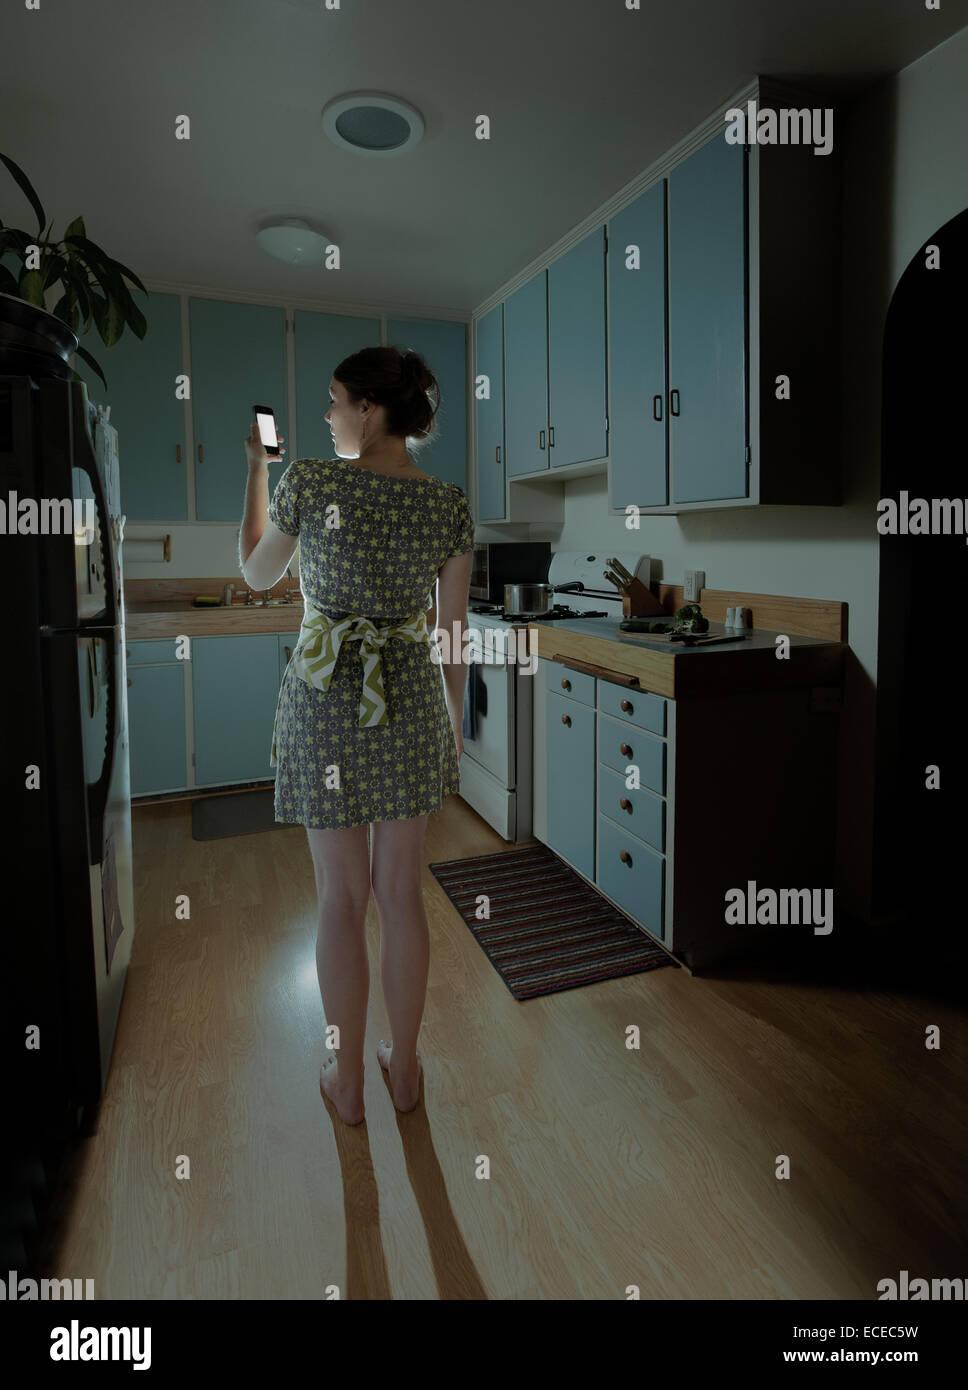 Frau mit Smartphone in Küche in der Nacht Stockbild